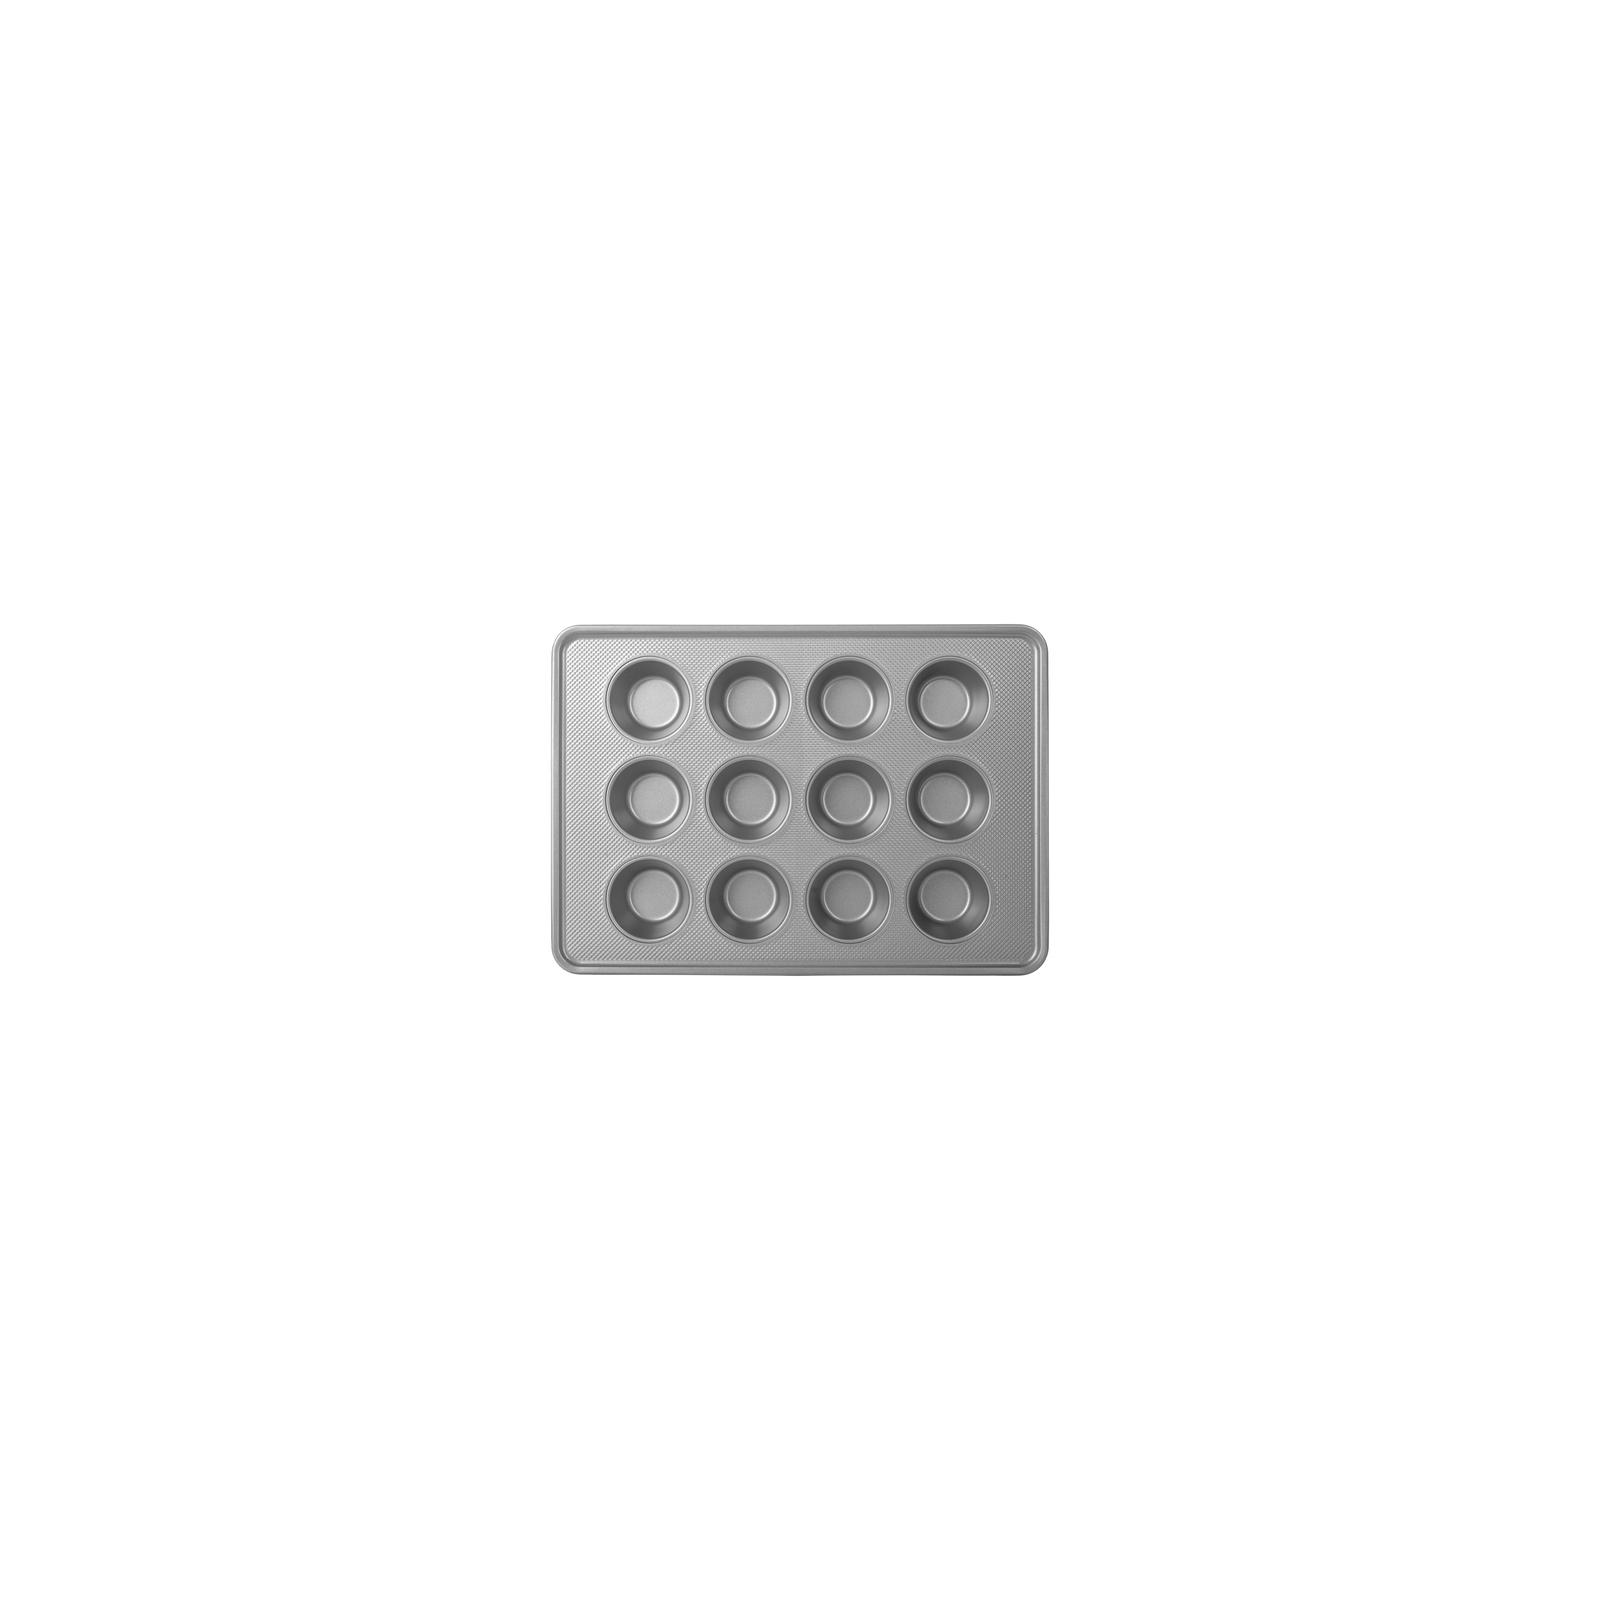 Форма для выпечки Ringel Marzipan для маффинов на 12 шт 42.5 x 29.5 x 4 см (RG-10212) изображение 3